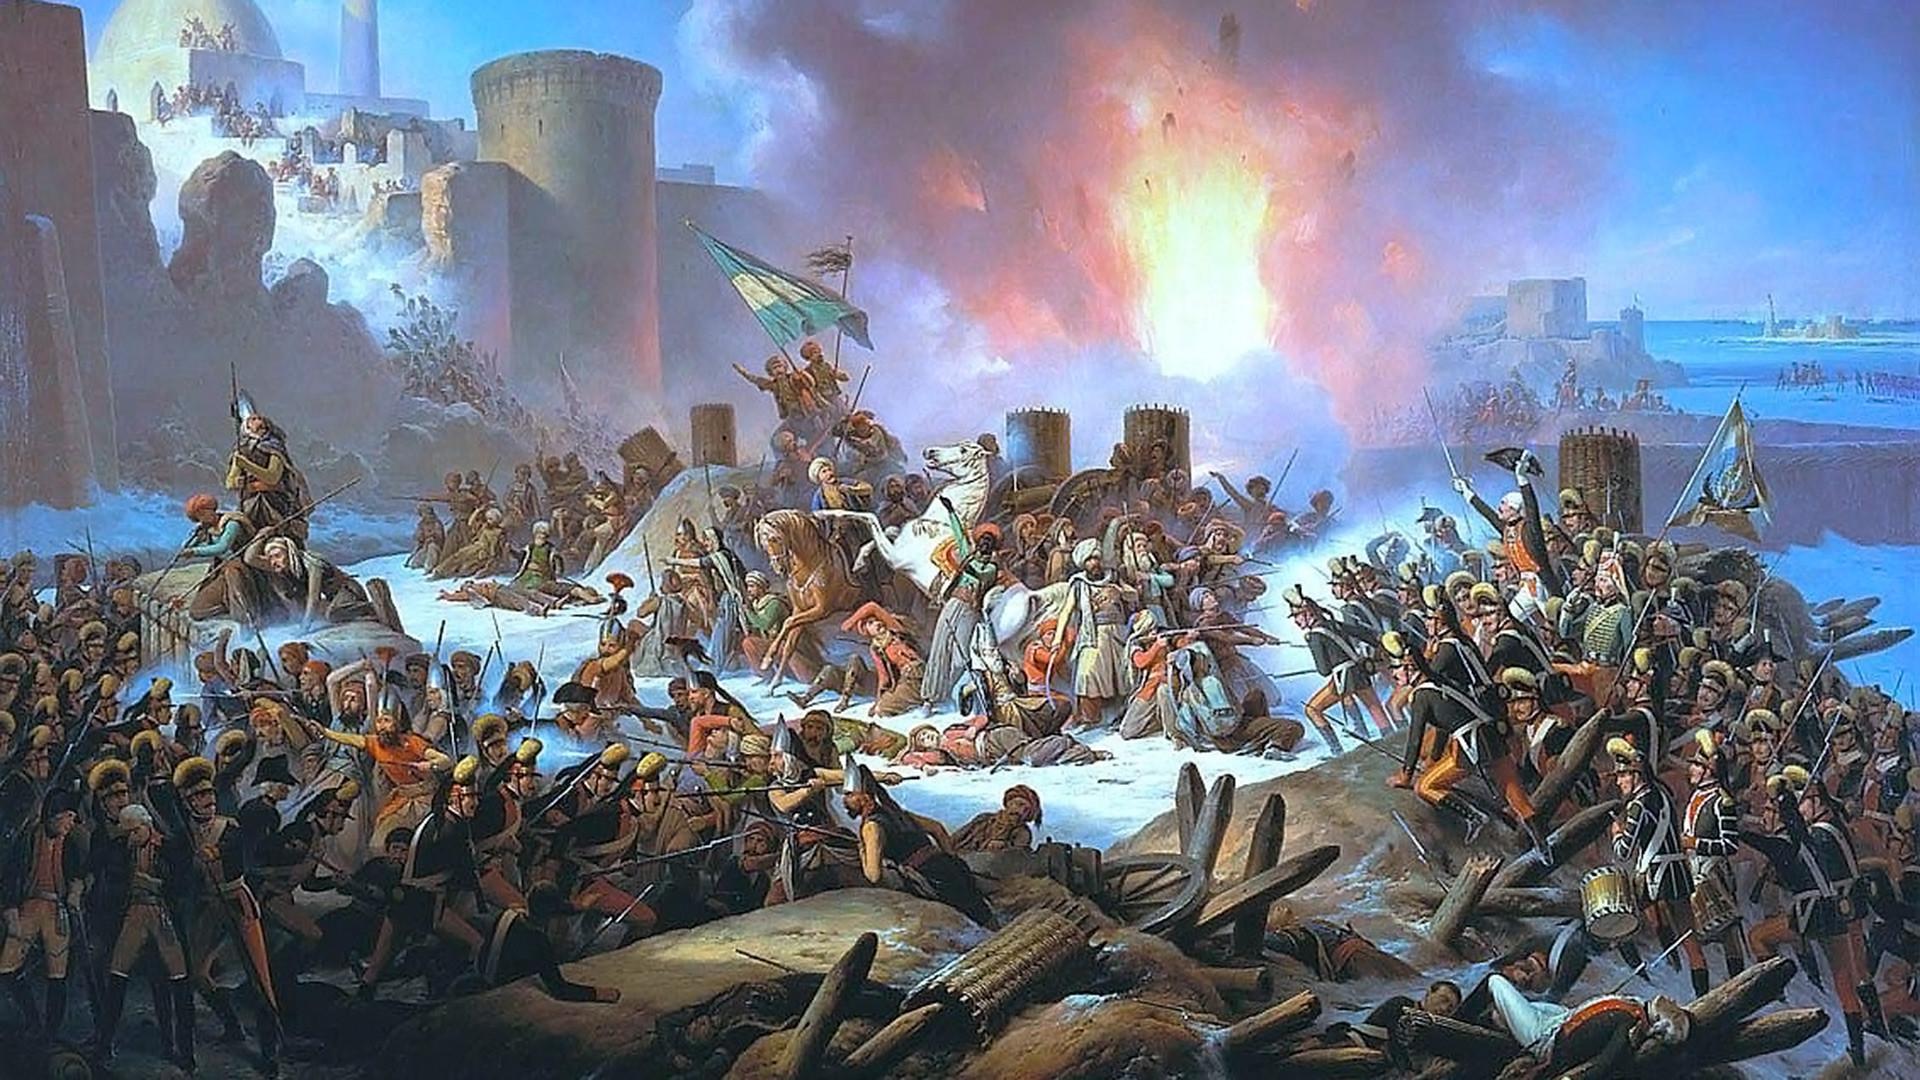 John Paul Jones est devenu l'un des principaux acteurs de la bataille réussie de la Russie autour de la forteresse turque d'Otchakov.